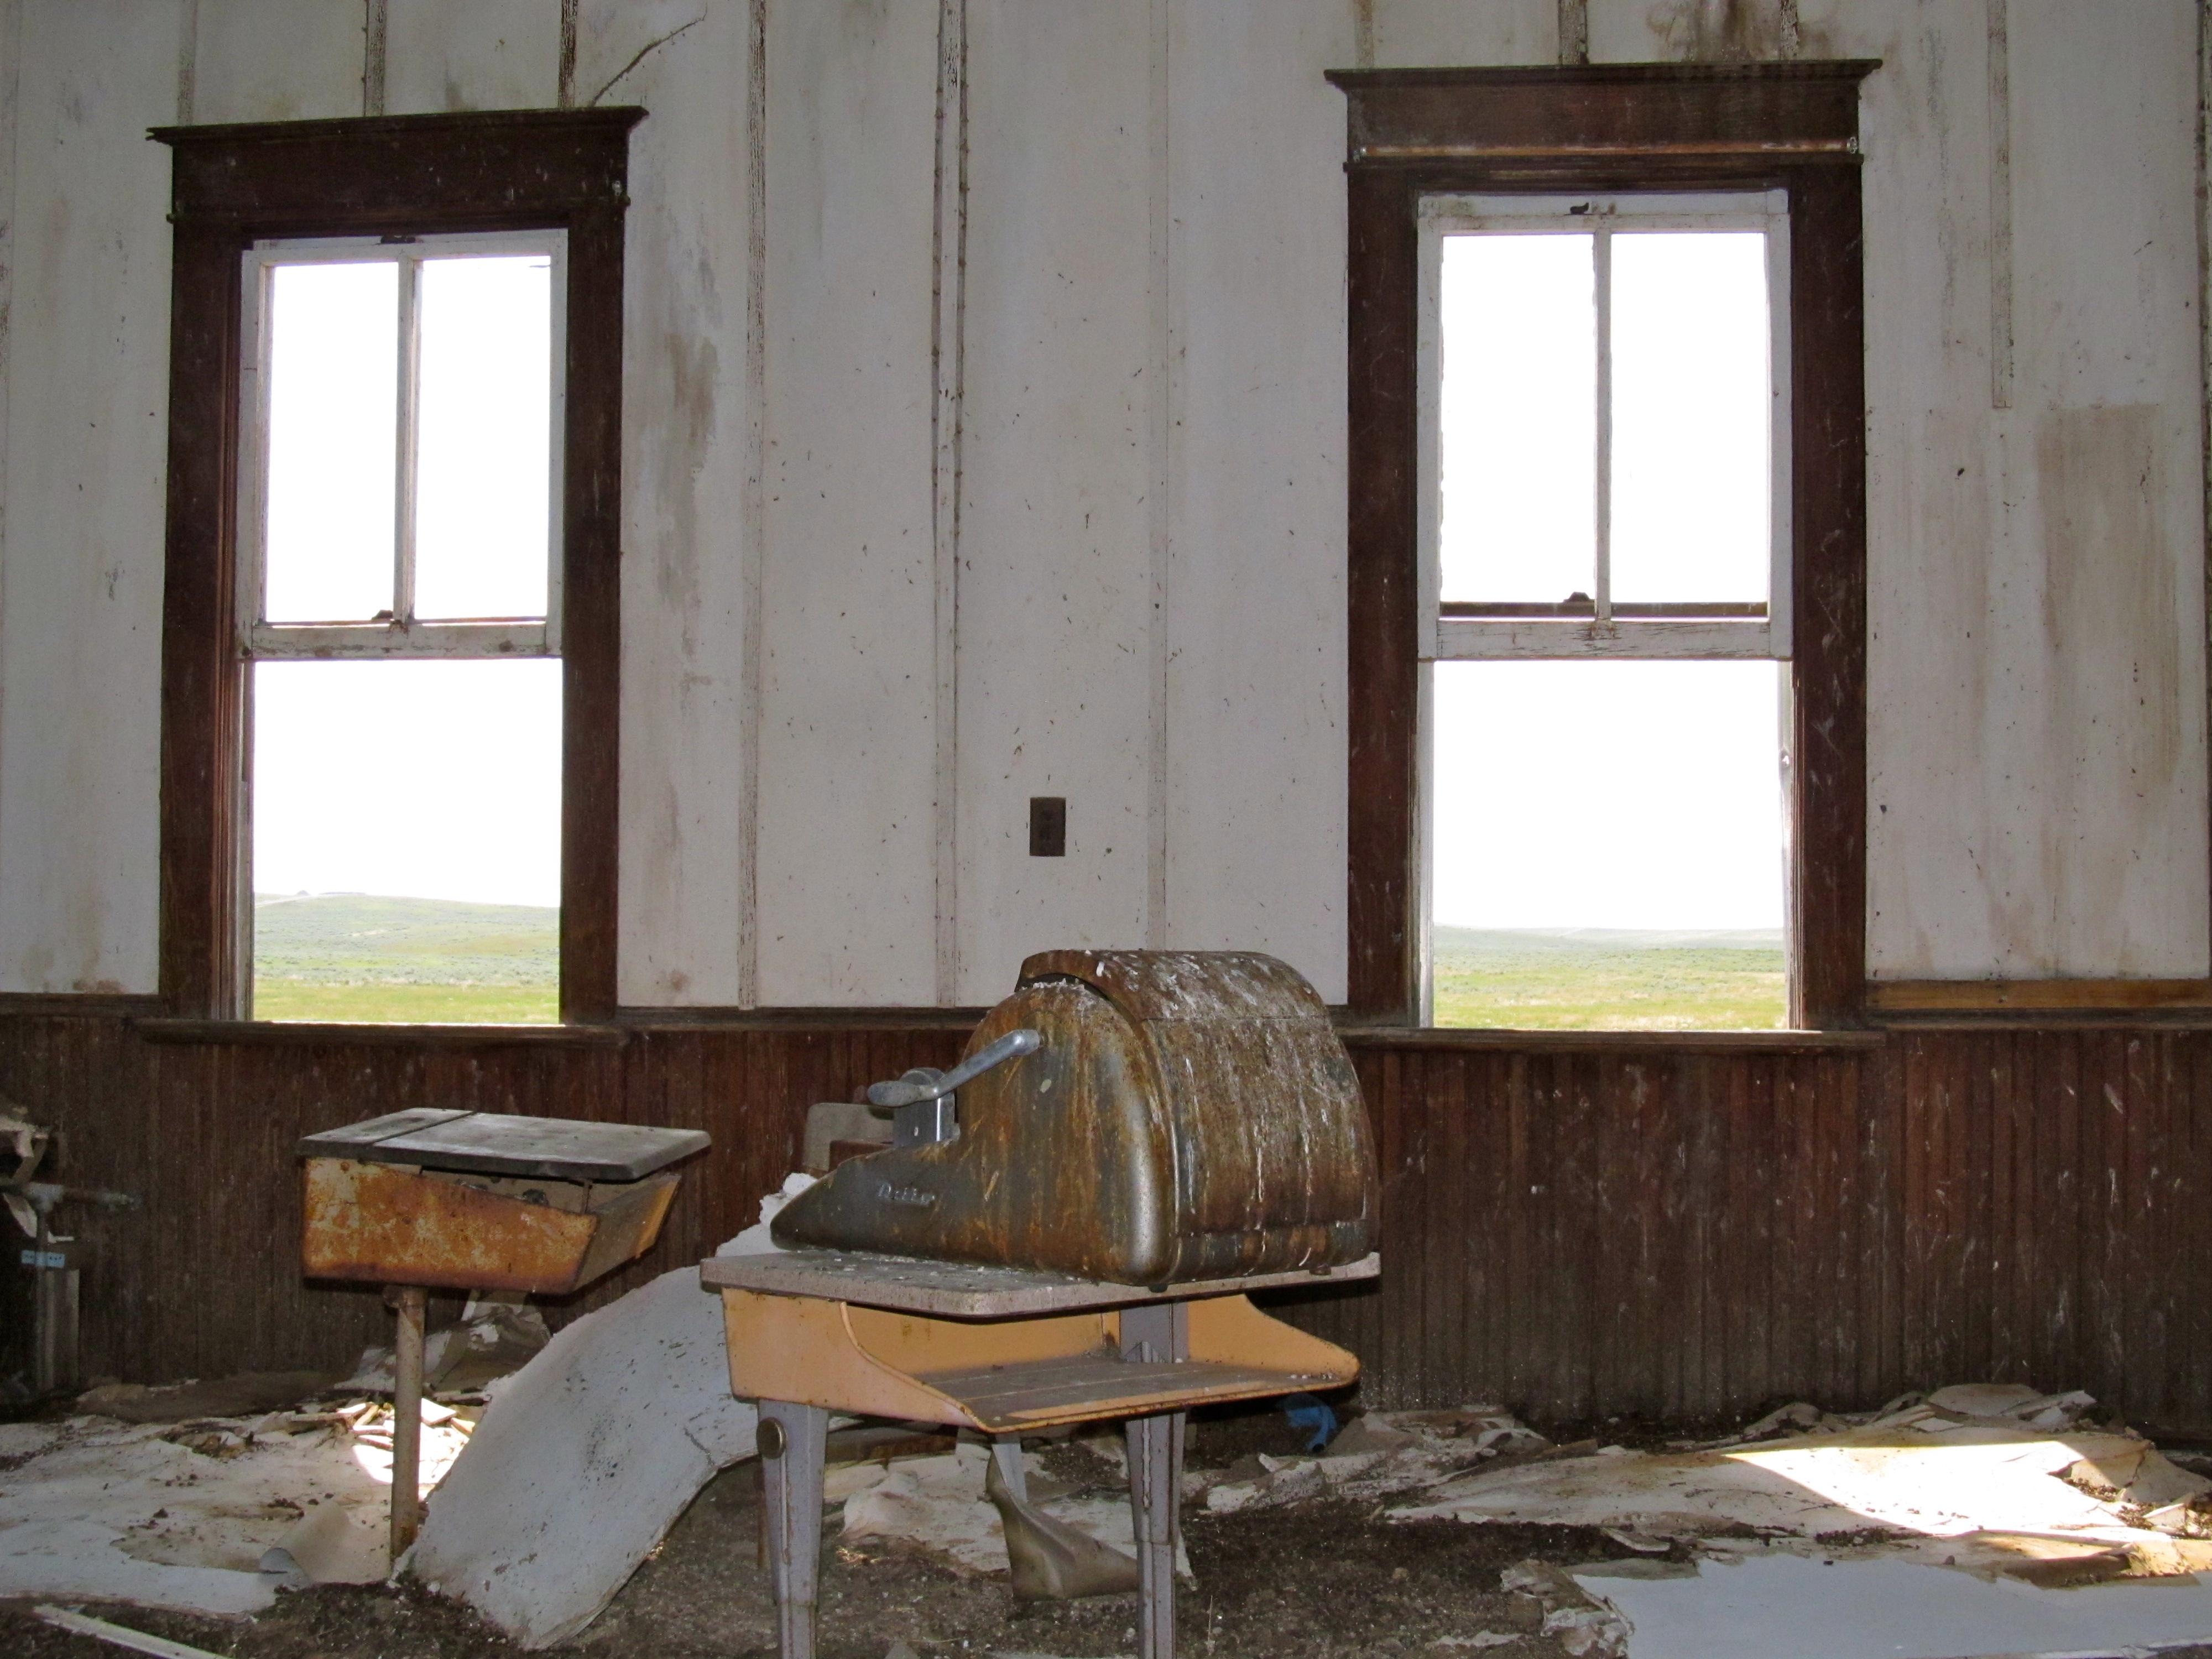 Montana big horn county wyola - School Montana Ruin Schools Dust Derelict Derelictbuildings Highway200 Abandonedschools Montanahistory Oneroomschools